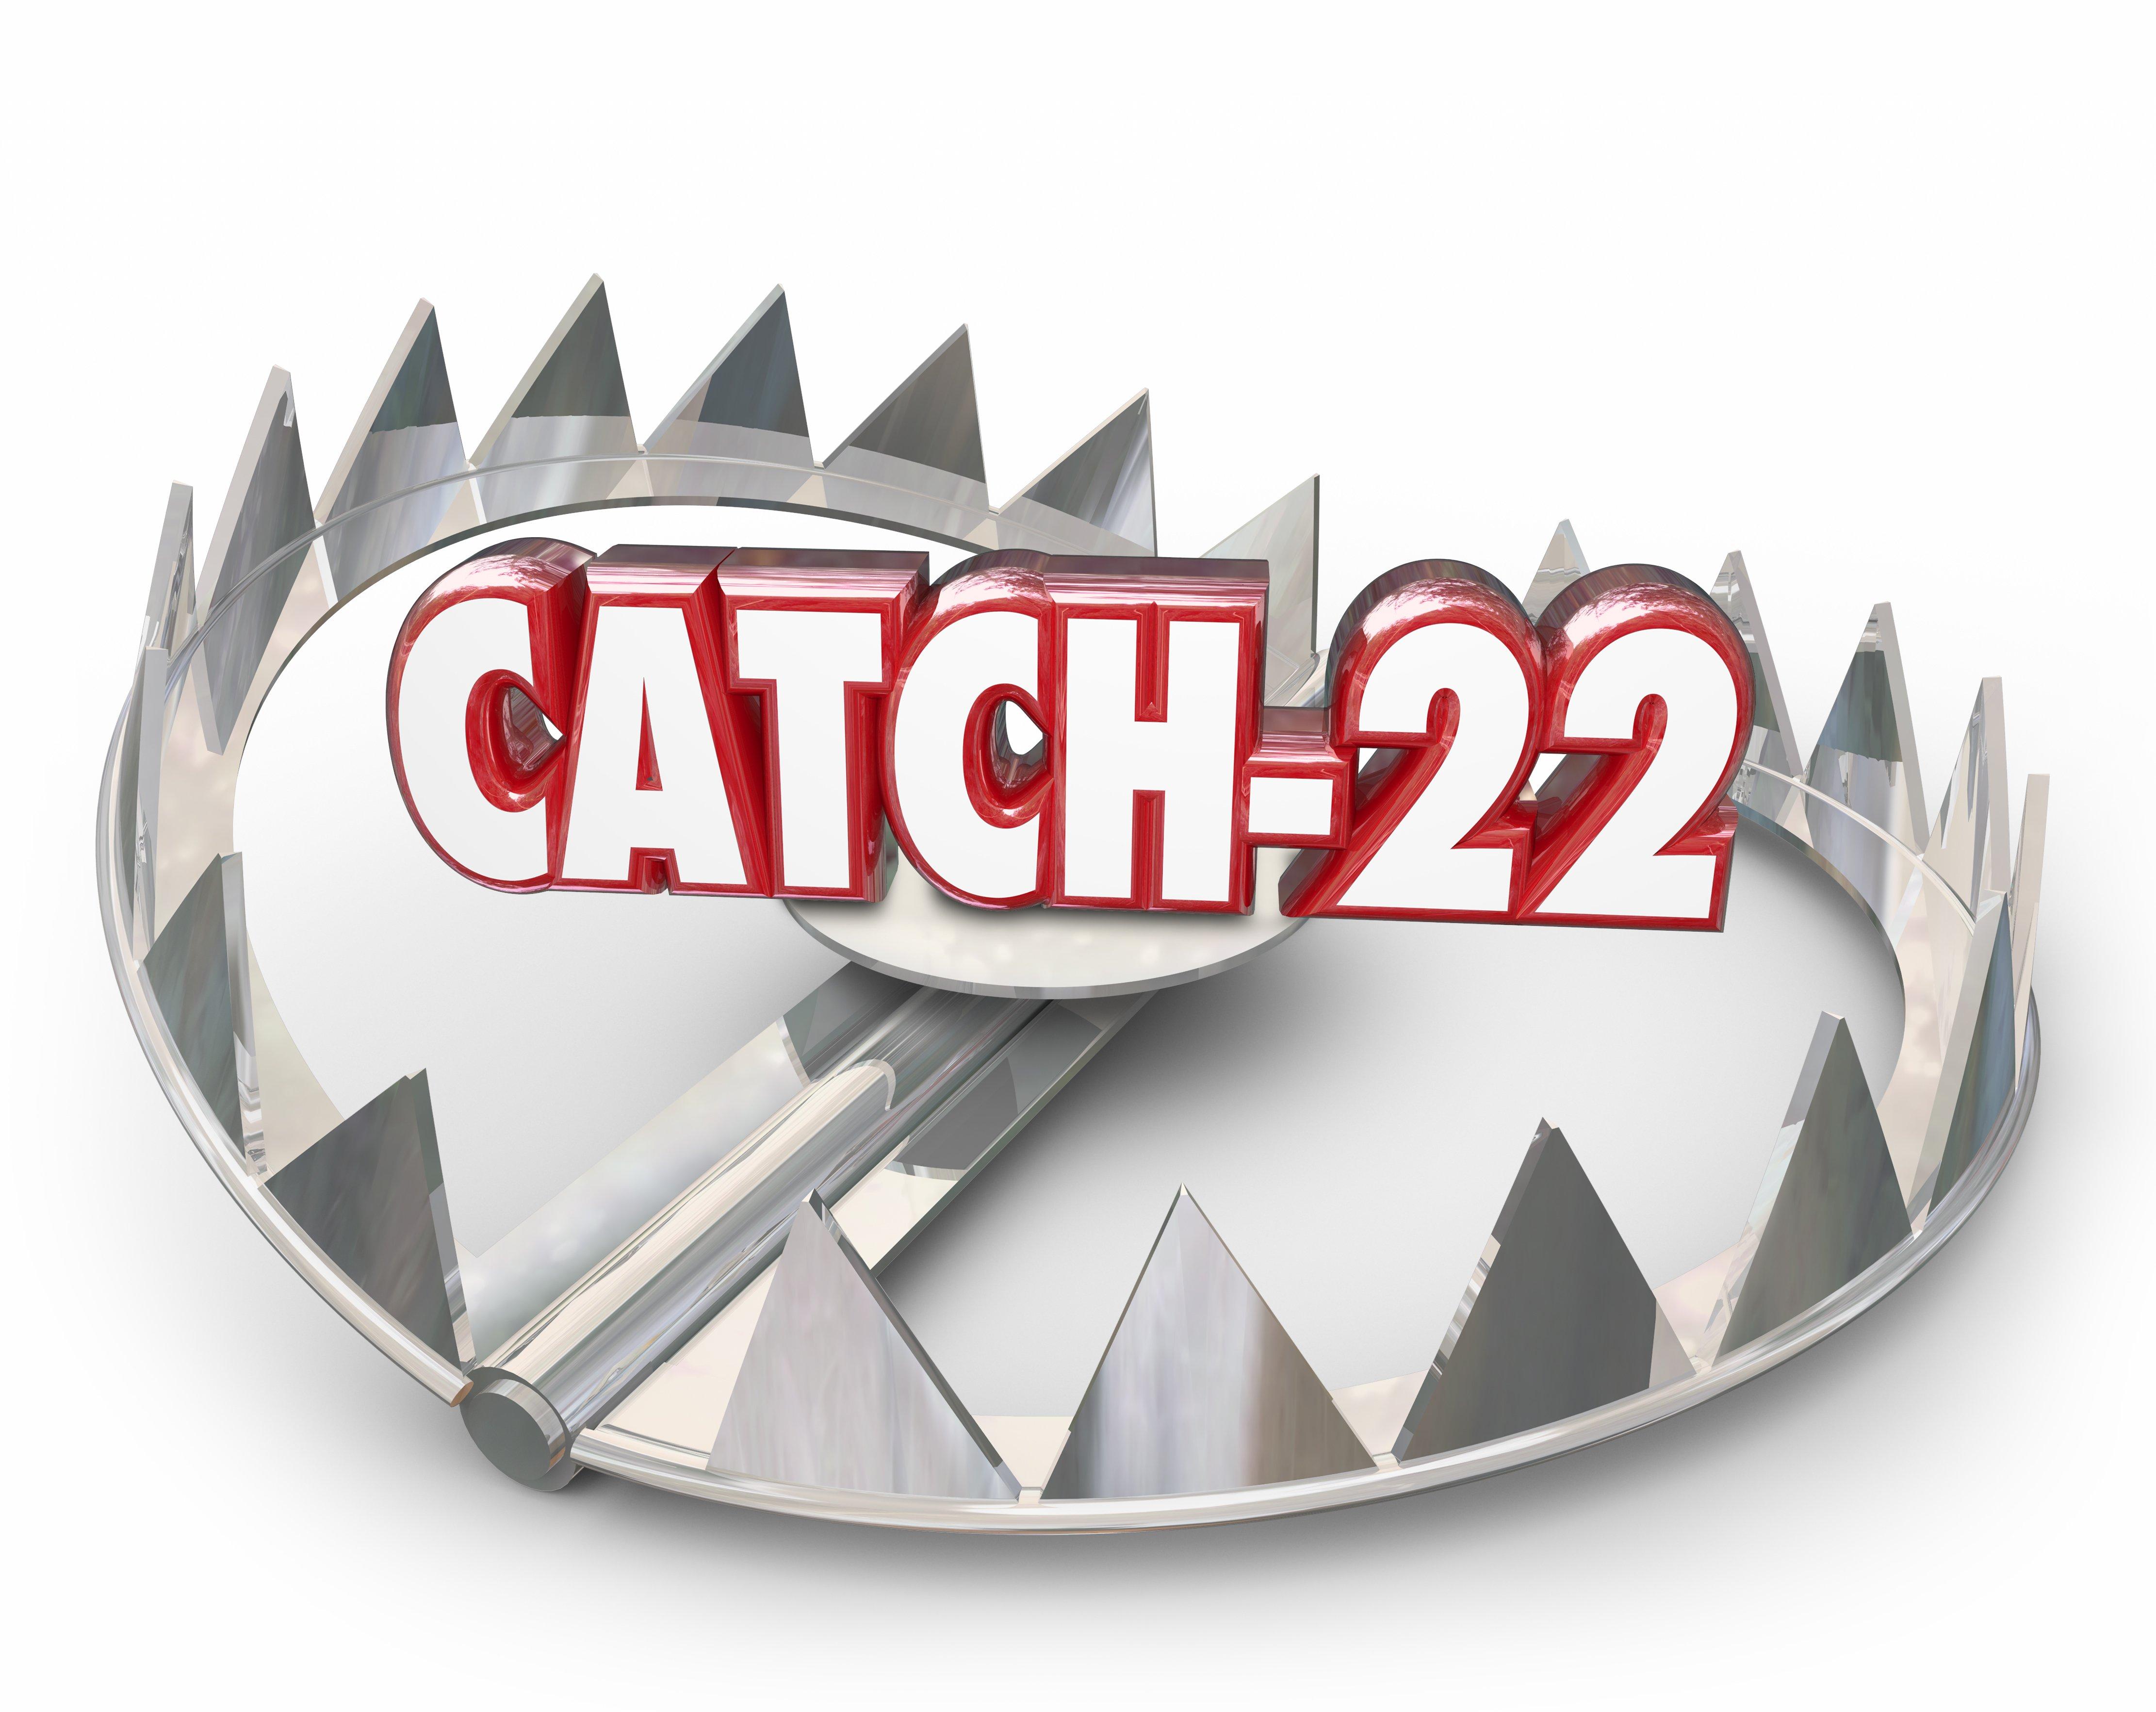 فرهاد اکسچنج فرهاد مقدم سلیمیcatch22 چیست؟